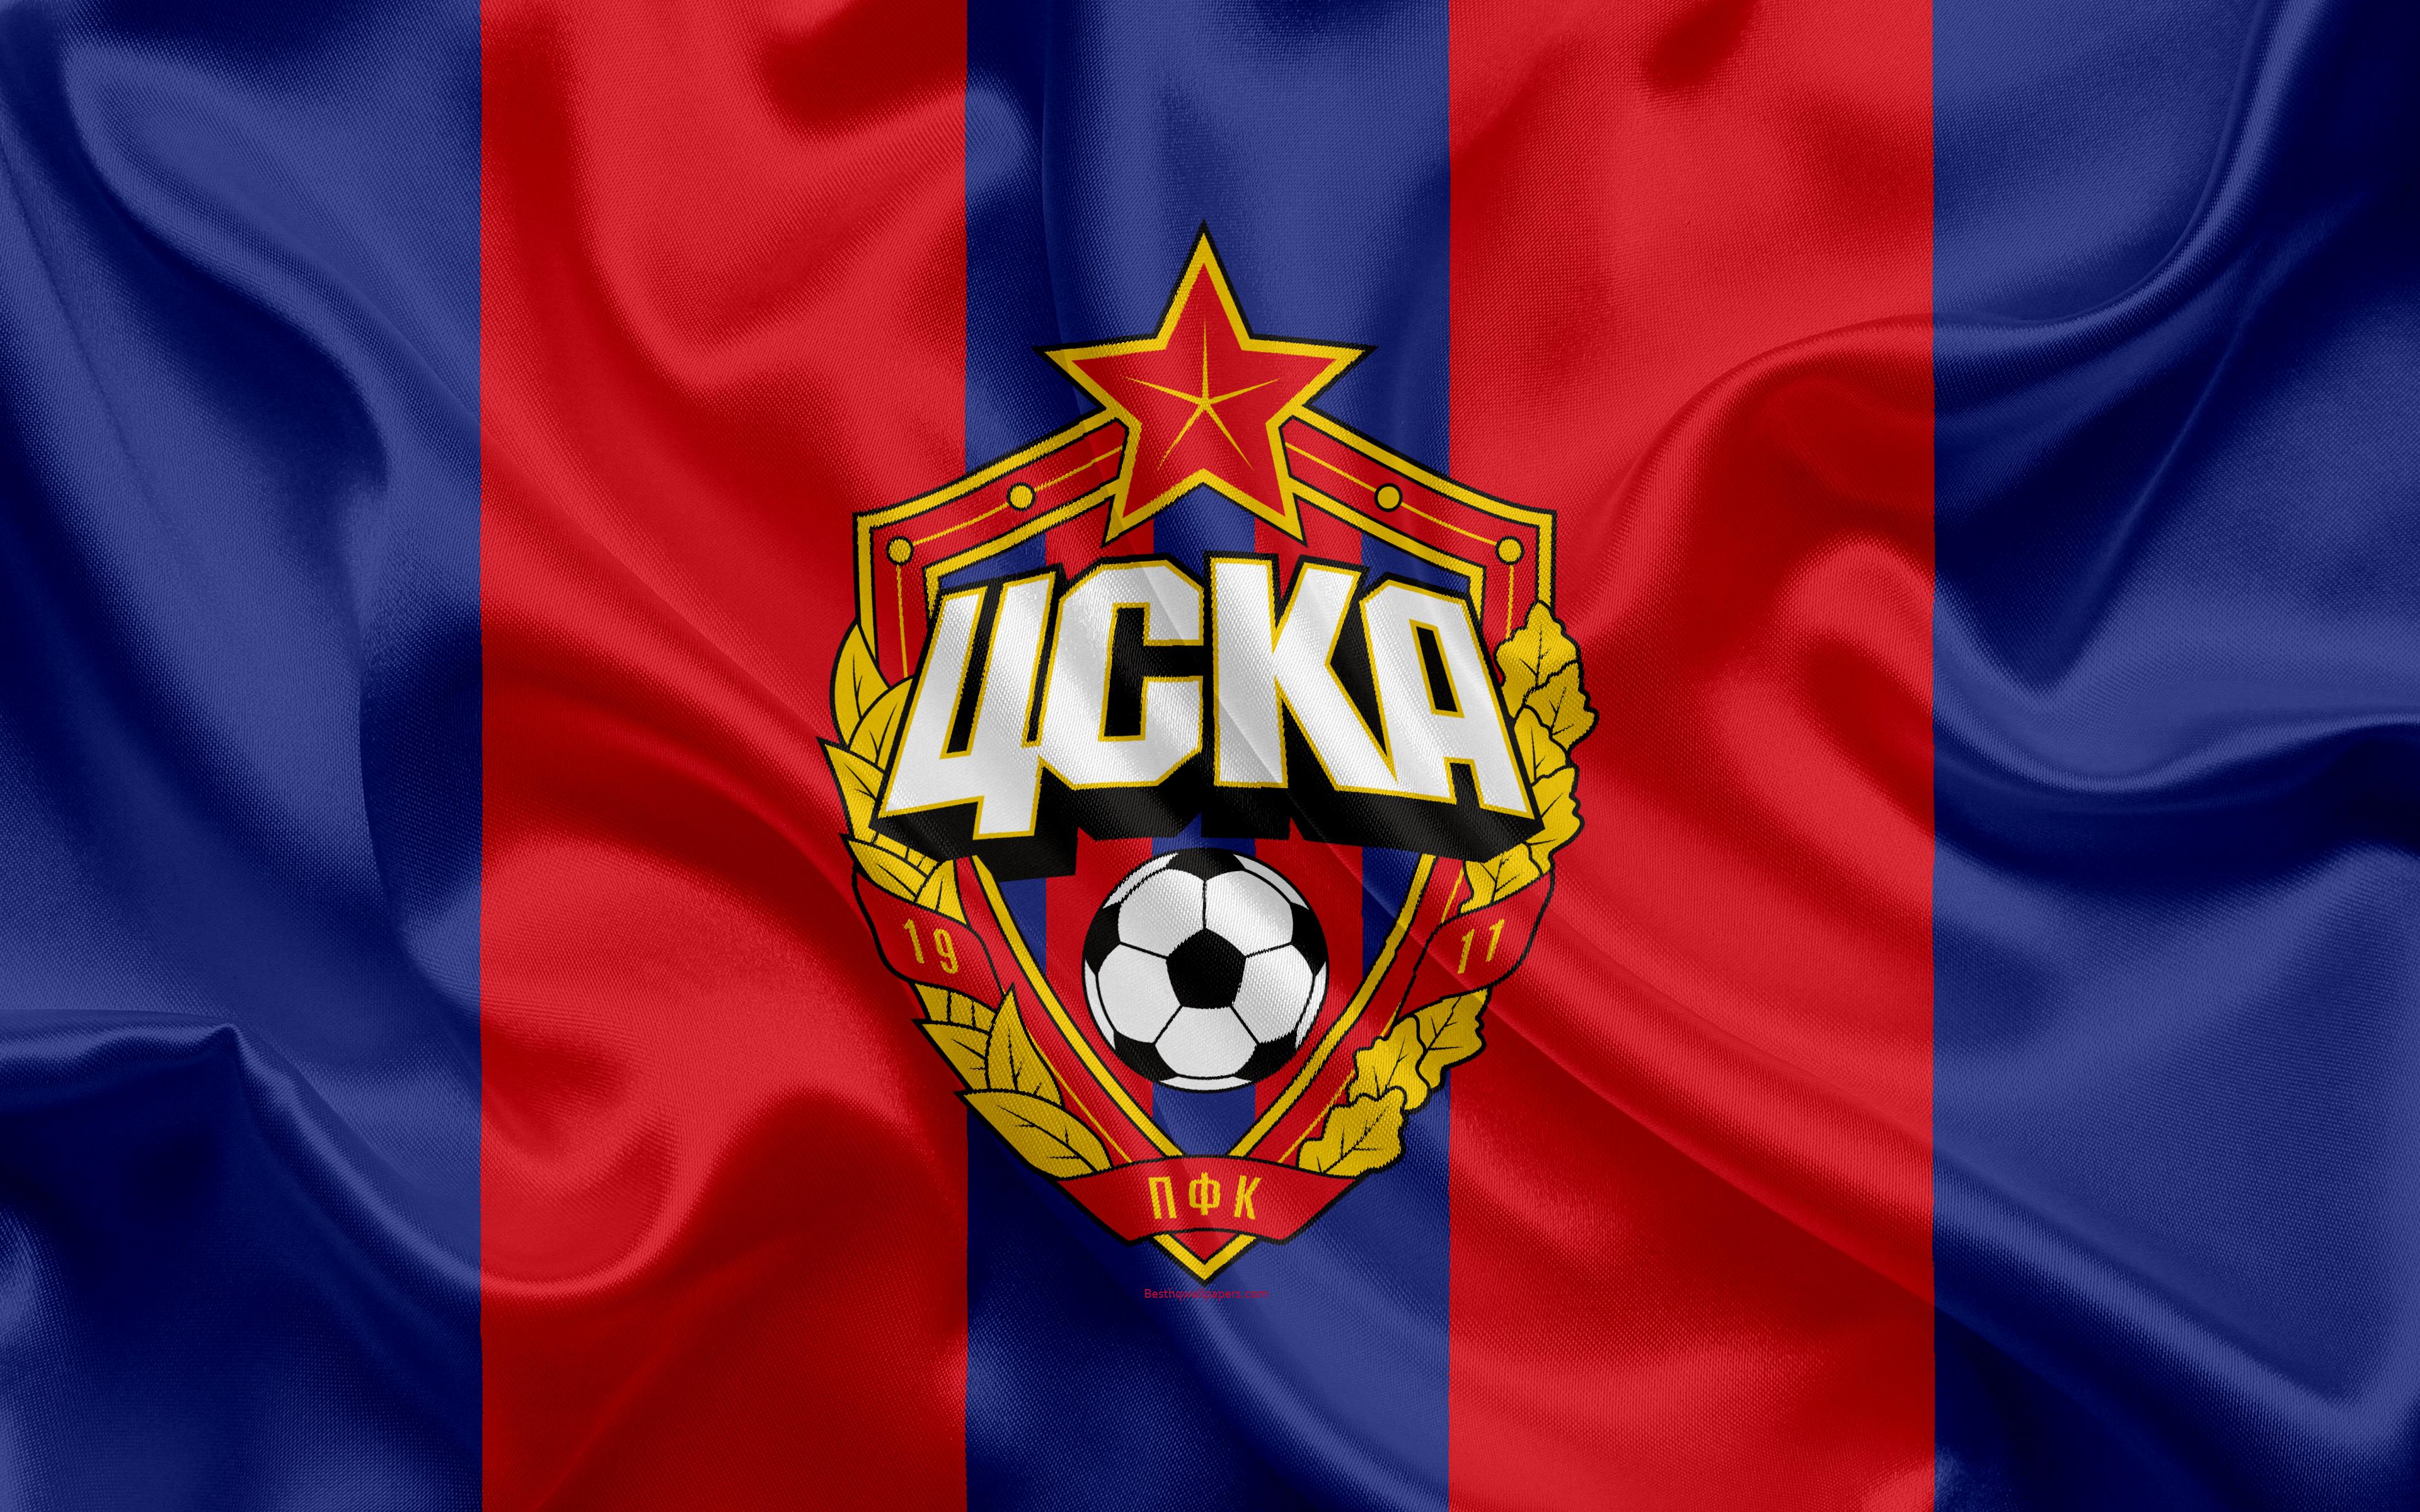 PFC CSKA Moscow Wallpaper 6   3840 X 2400 stmednet 3840x2400